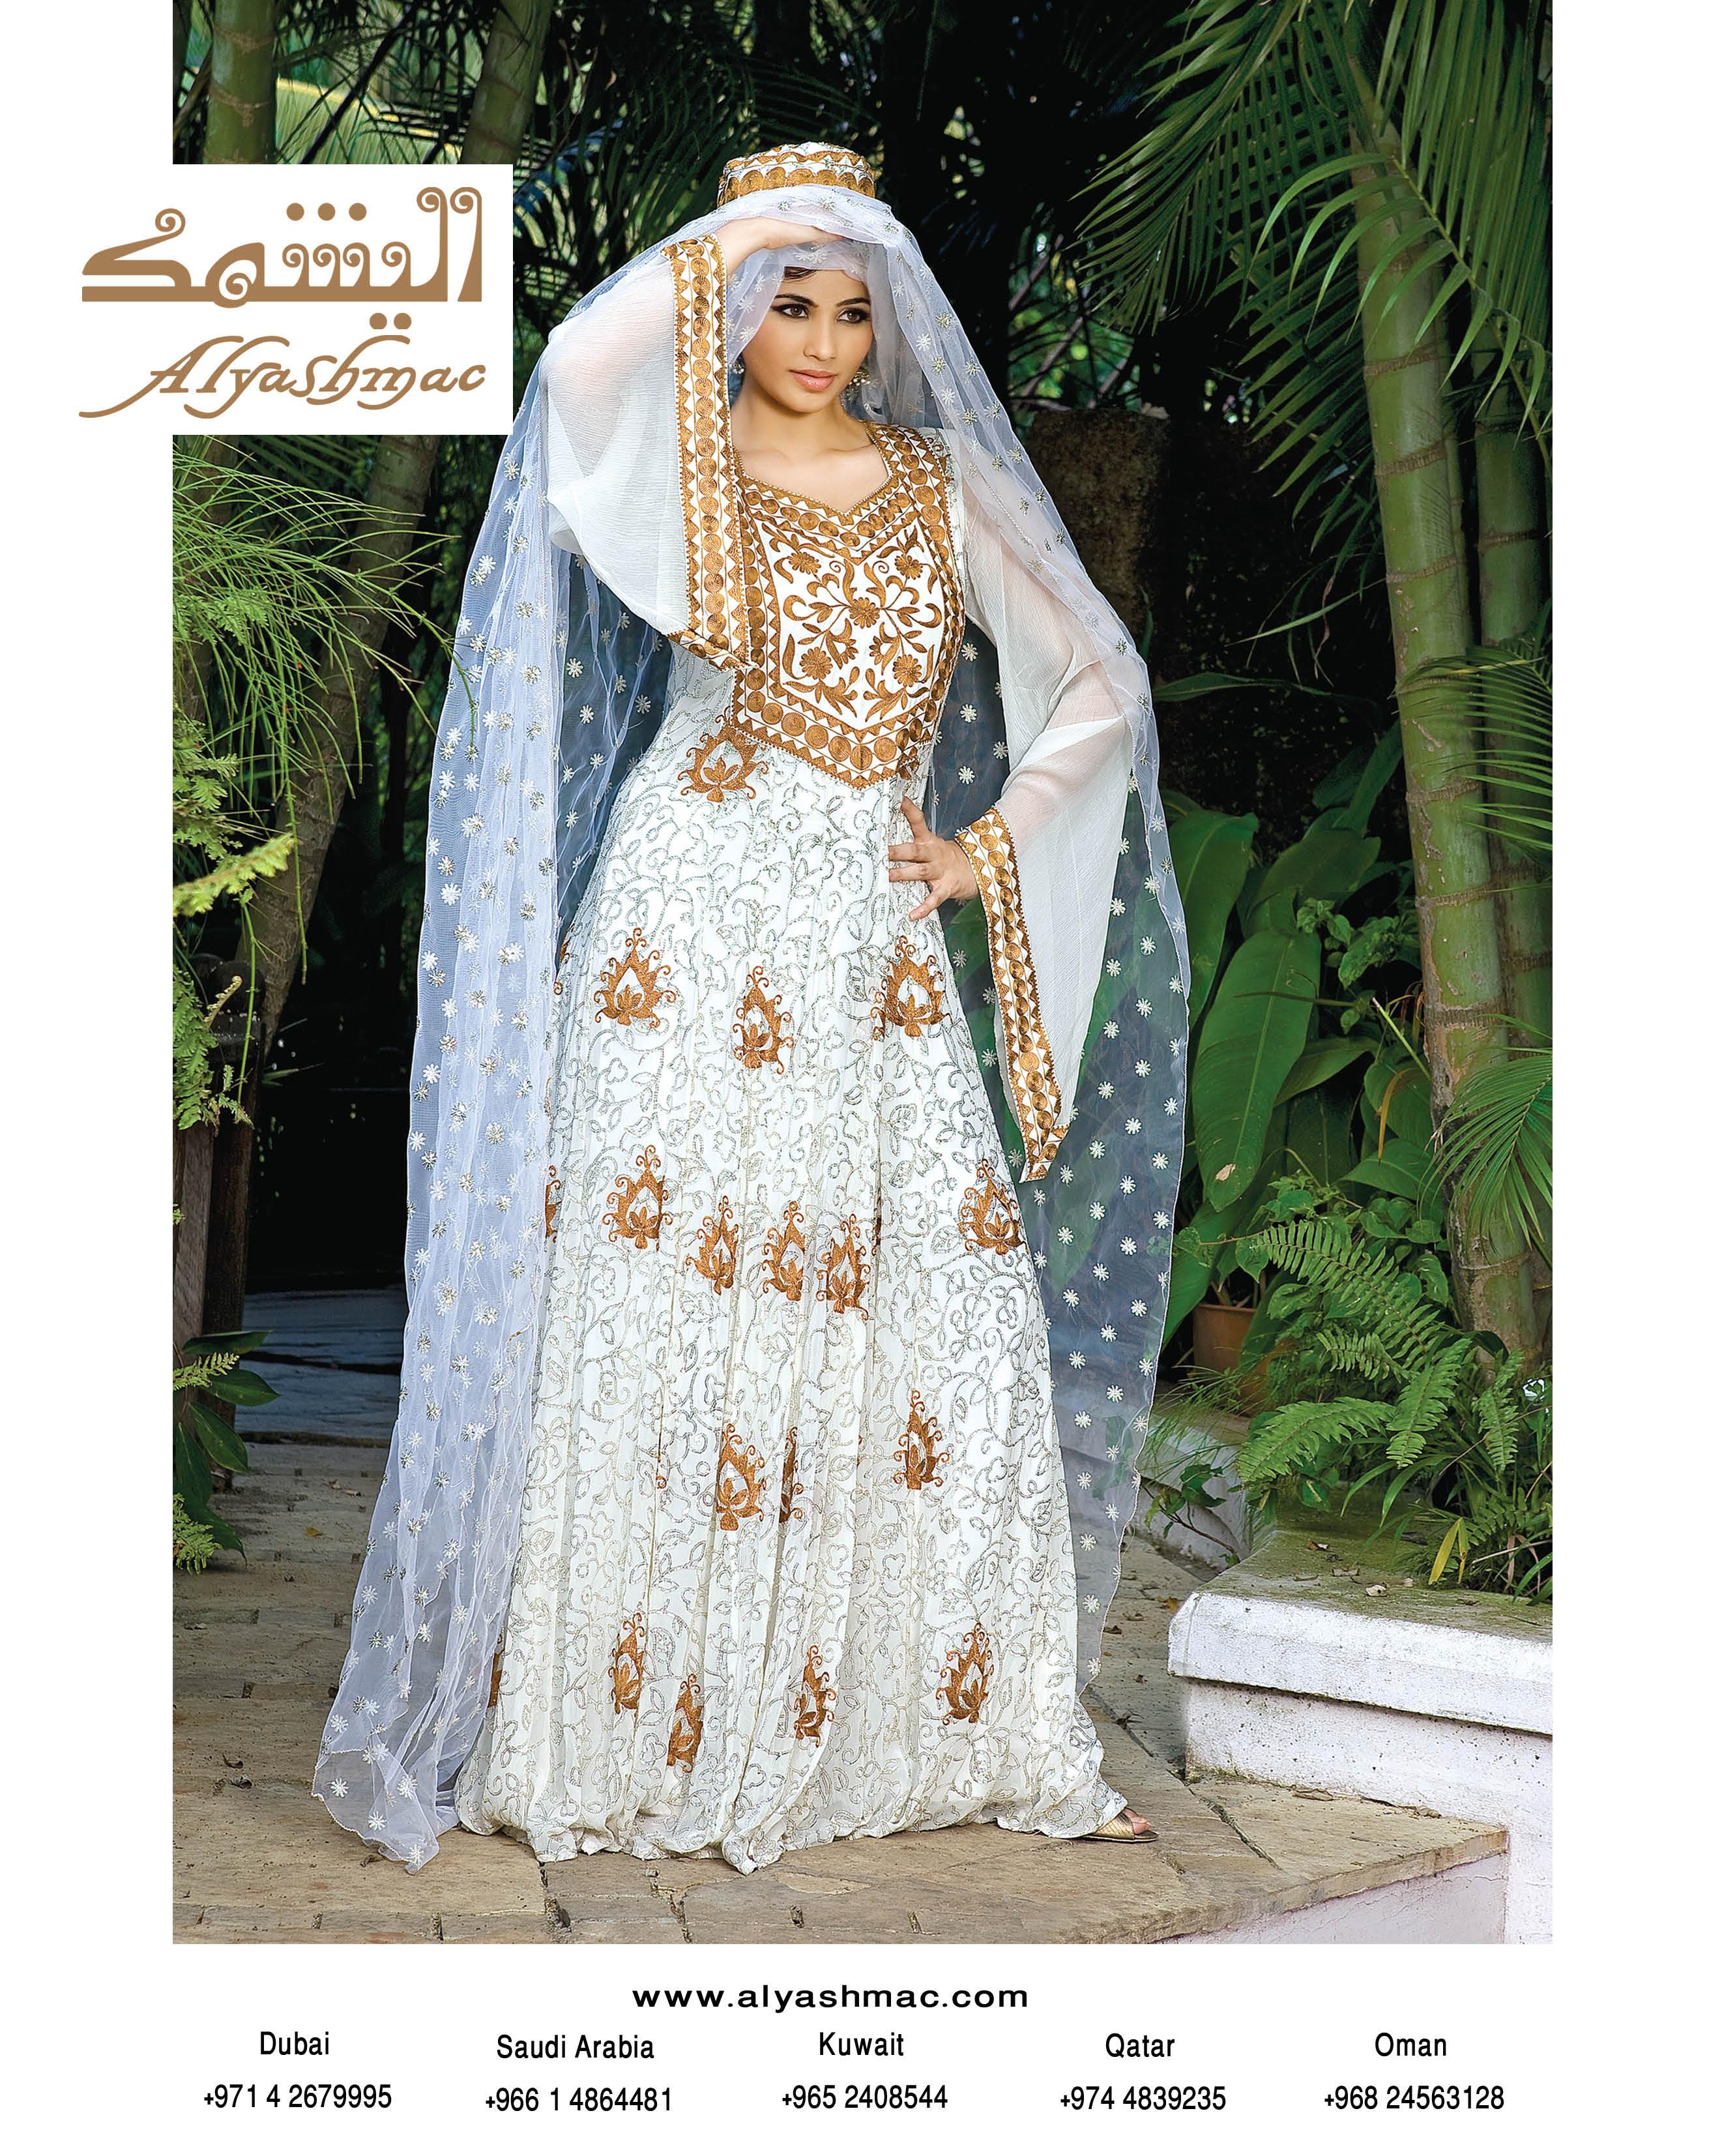 ... abaya design abaya designs abaya arabic abayas abayas arab abaya abaya